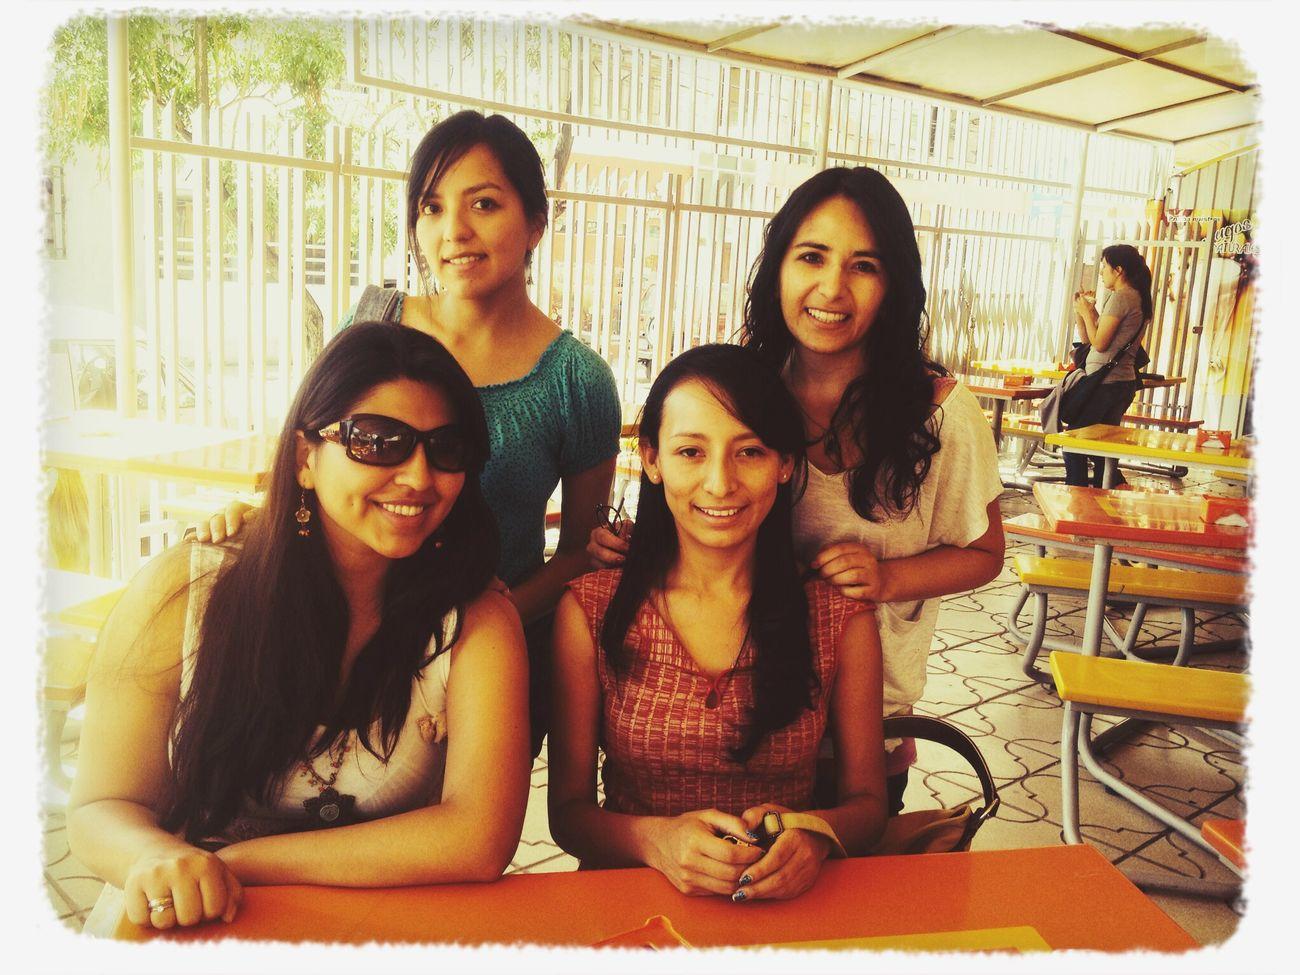 Disfrutando el tiempo con las chicas RiendoComindo Hablandohablando